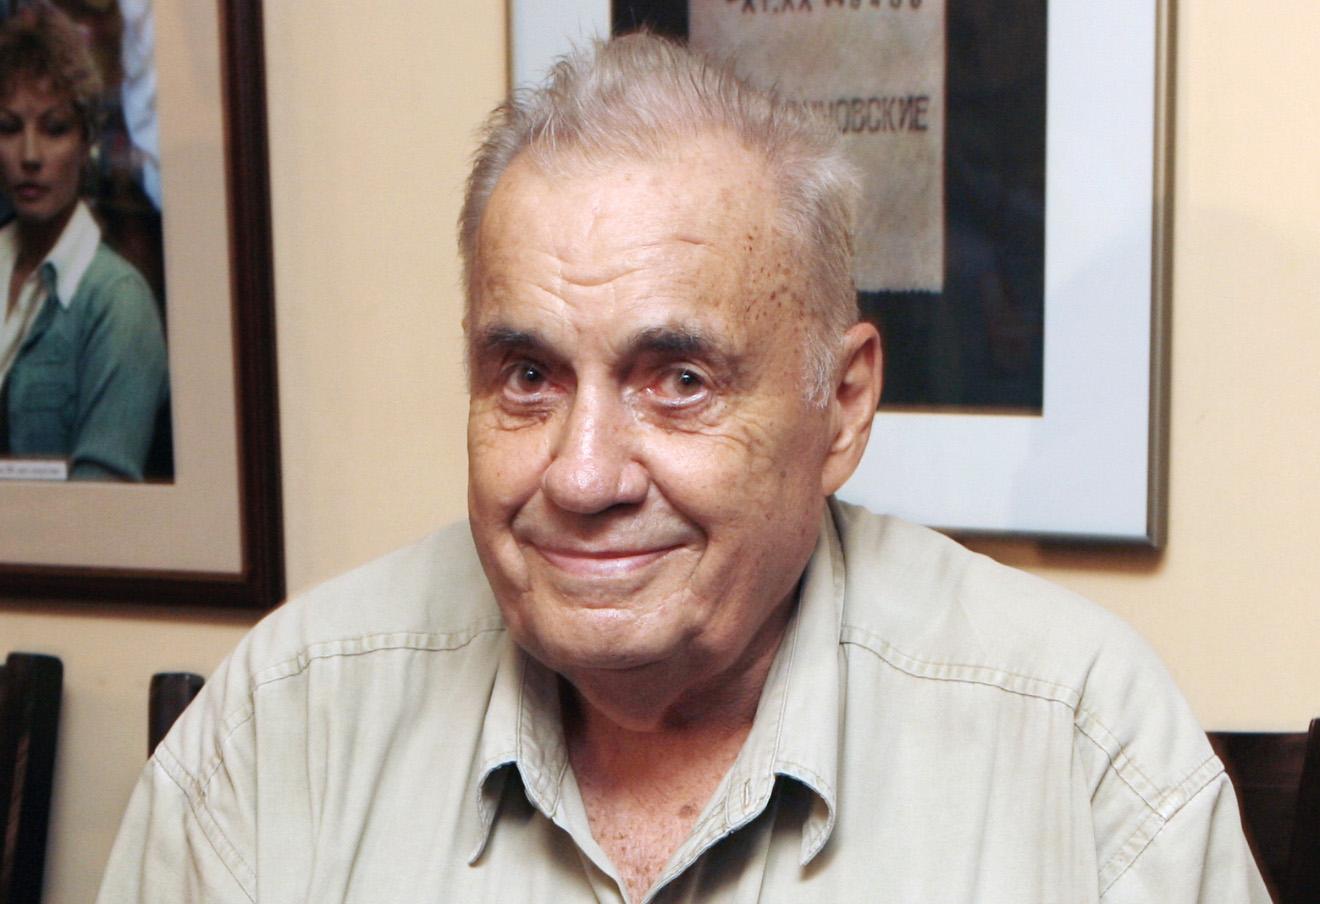 Режиссер Эльдар Рязанов в своем клубе «Эльдар».